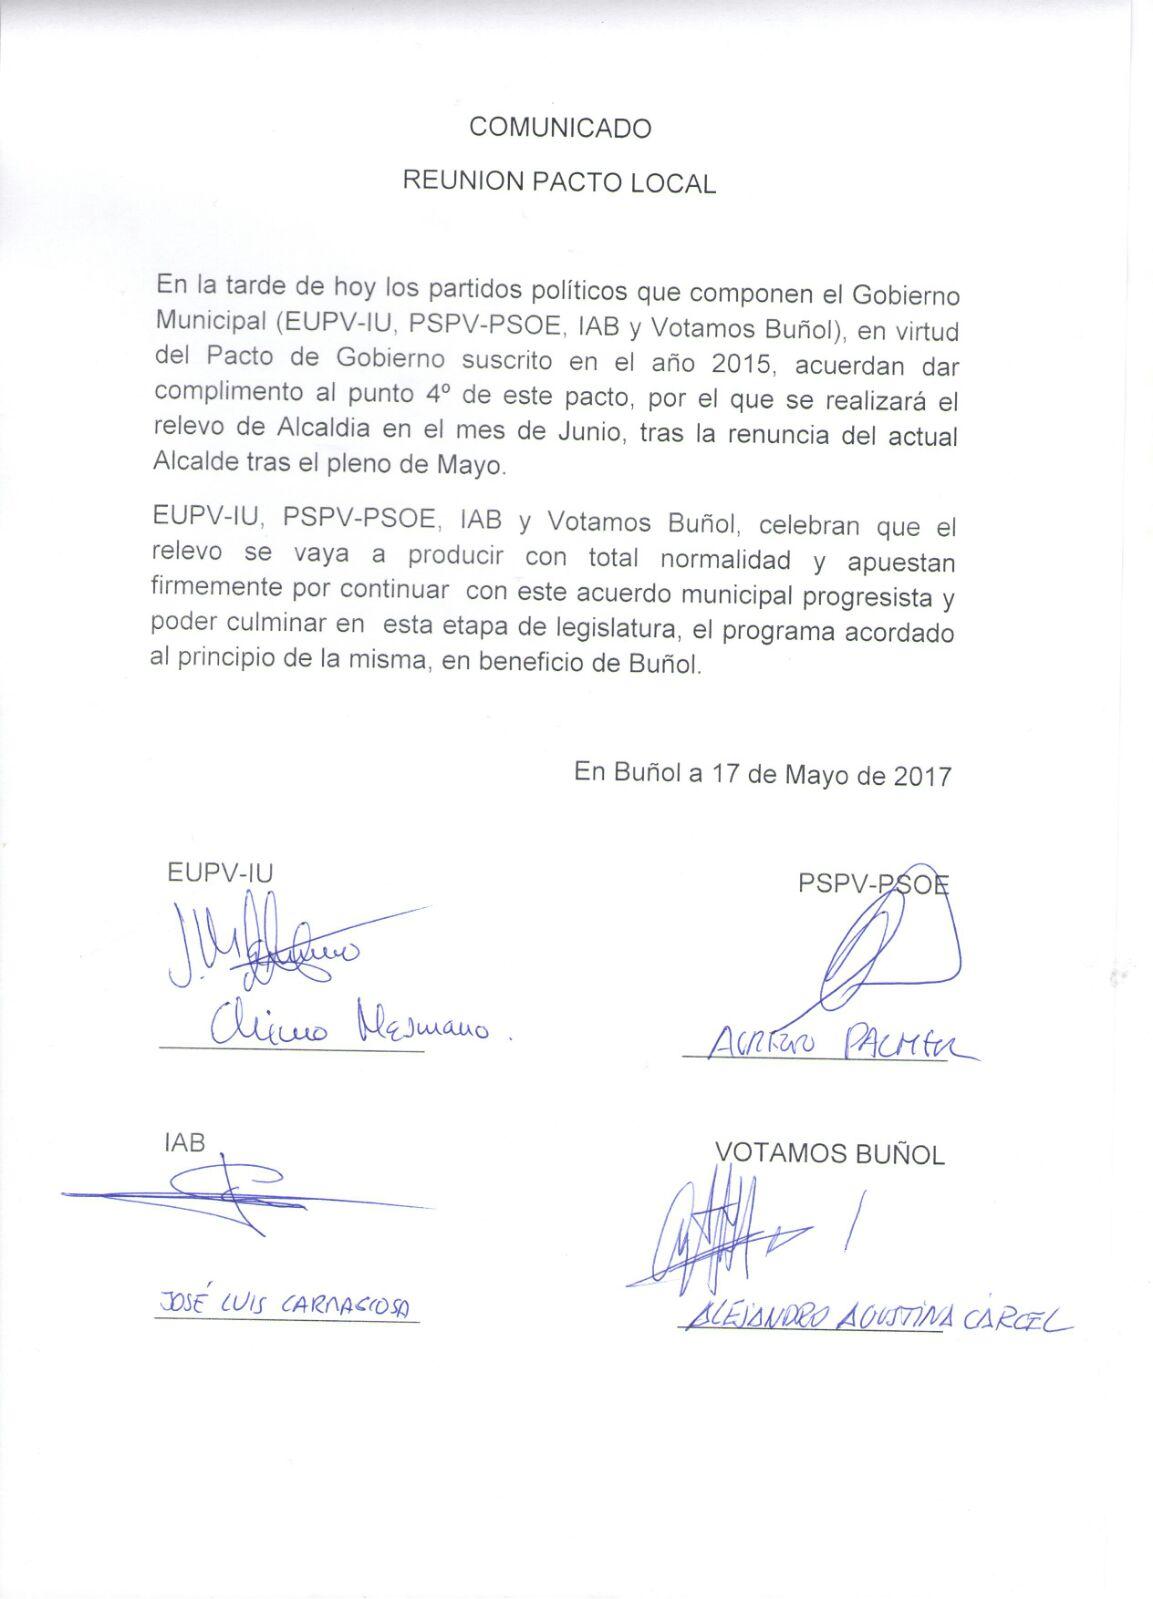 Documento facilitado por los cuatro partidos políticos firmantes del acuerdo de gobierno en Buñol.